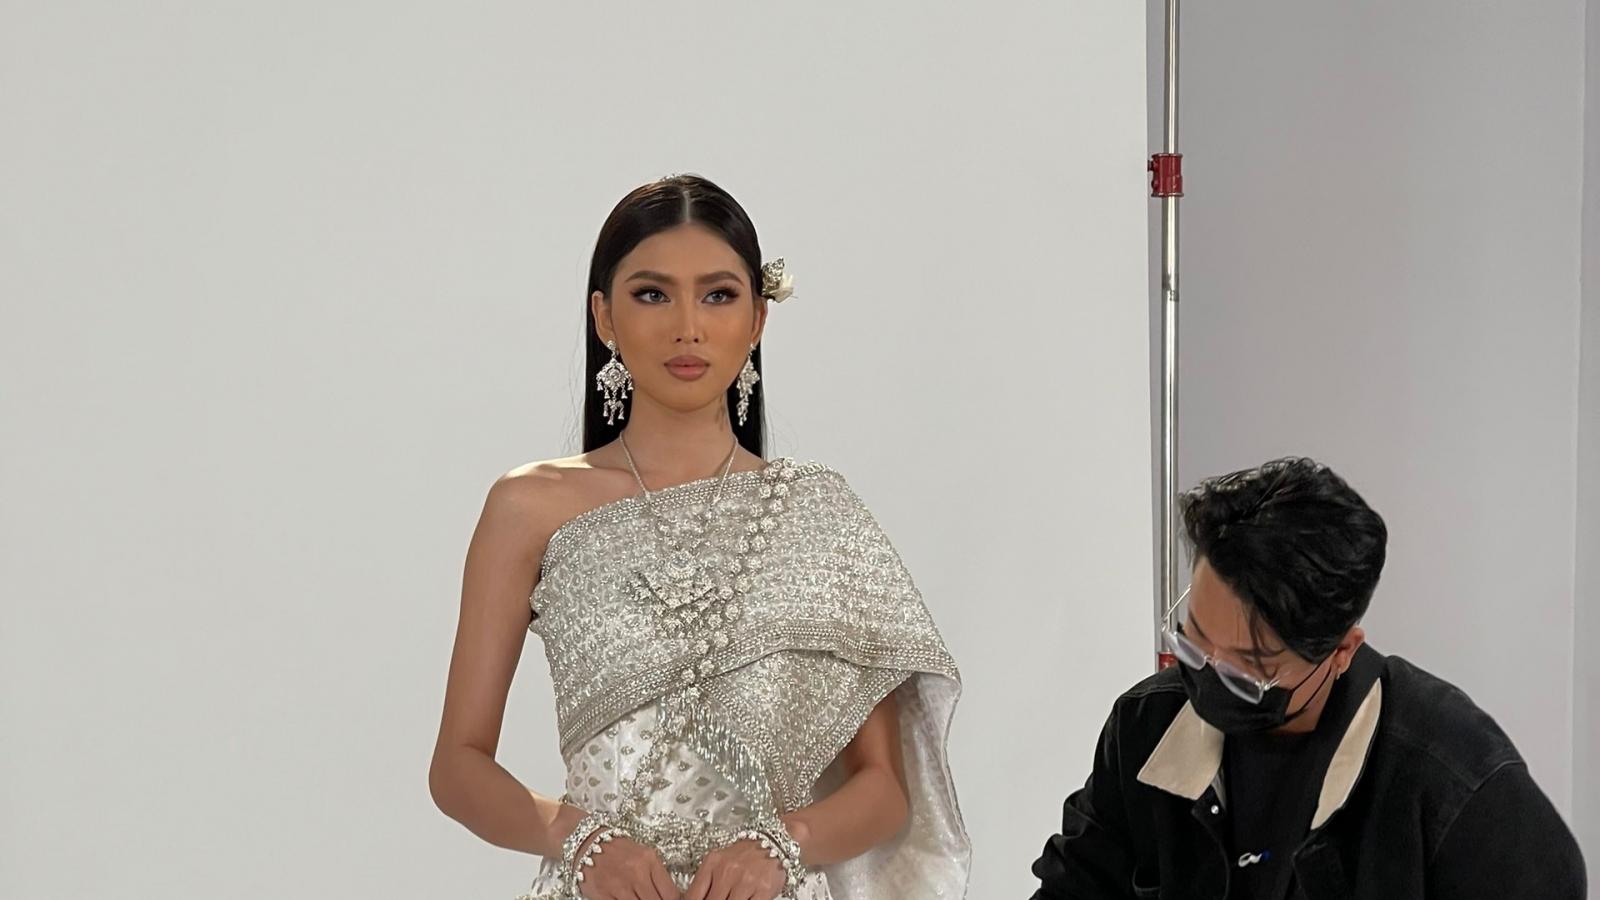 Á hậu Ngọc Thảo trổ tài nói tiếng Thái trước thềm tham dự Miss Grand International